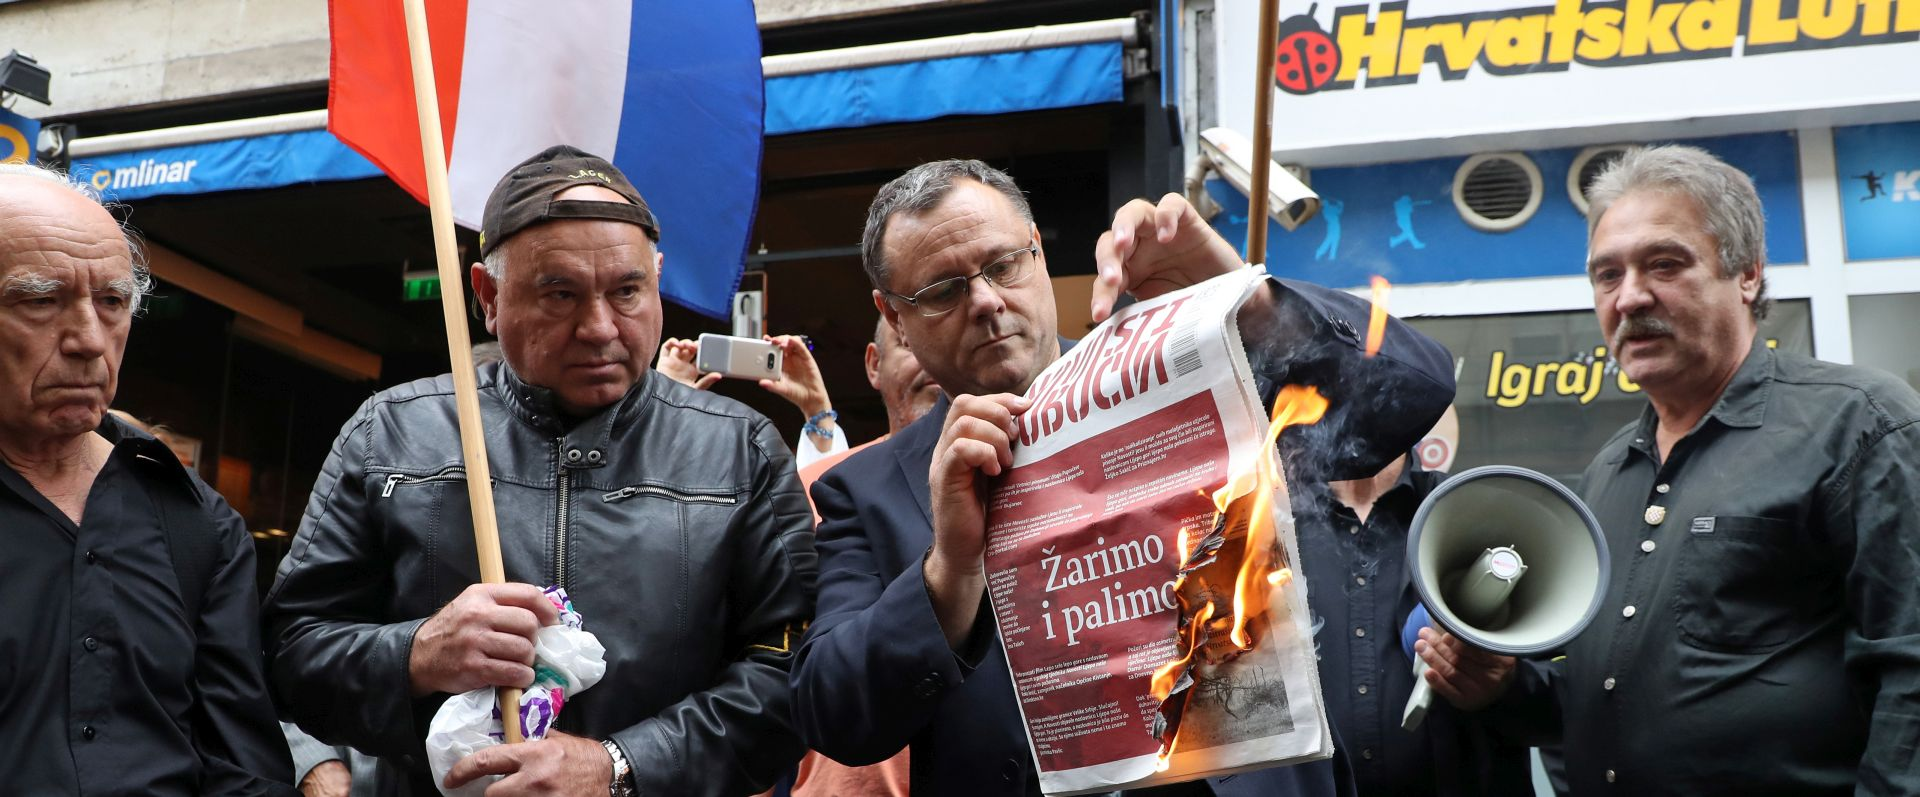 Keleminec ponovno palio Novosti, priveden i fotoreporter